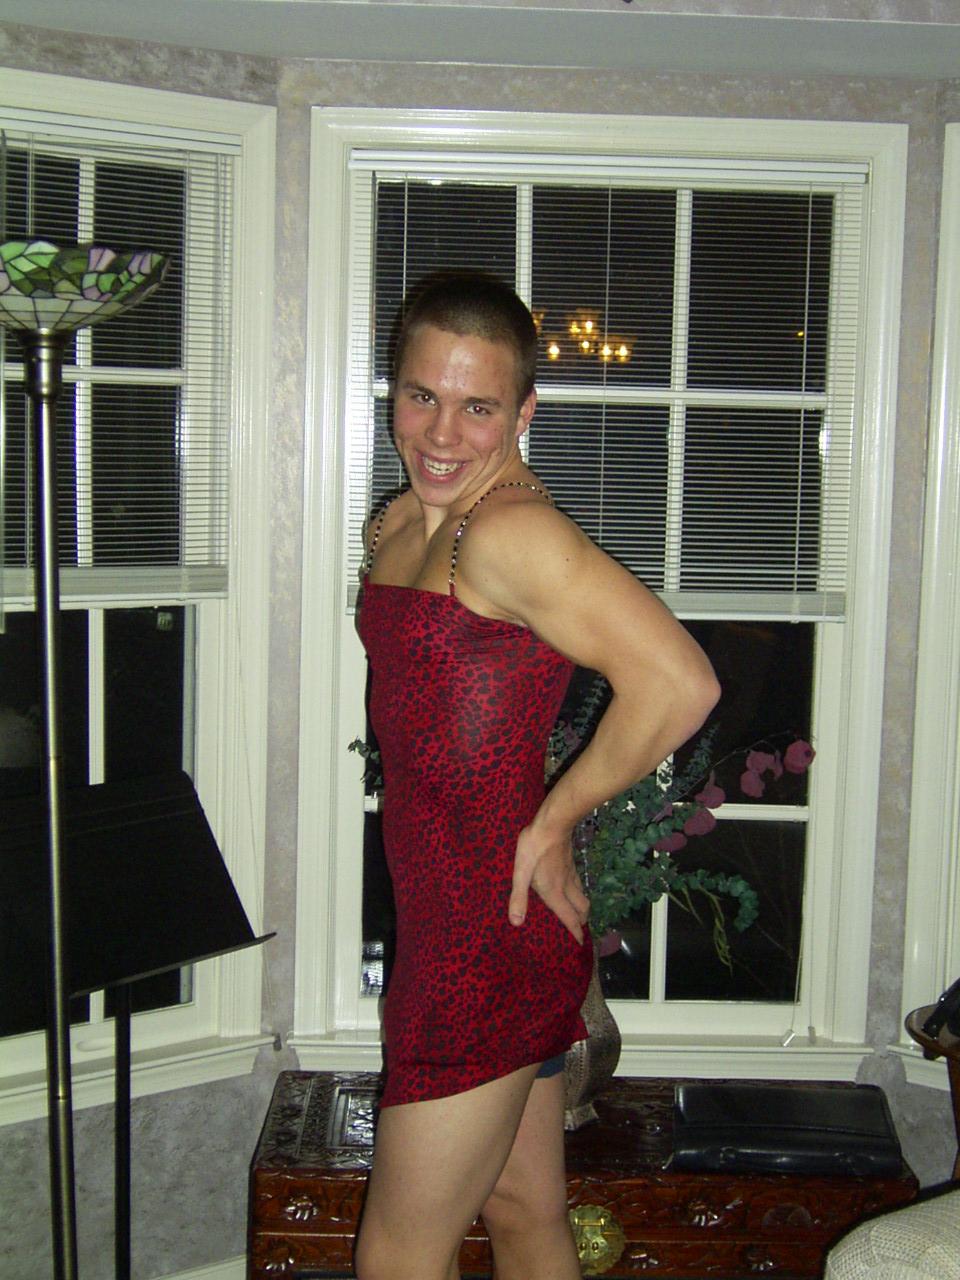 Stefan- Lauren looks better in the dress!!